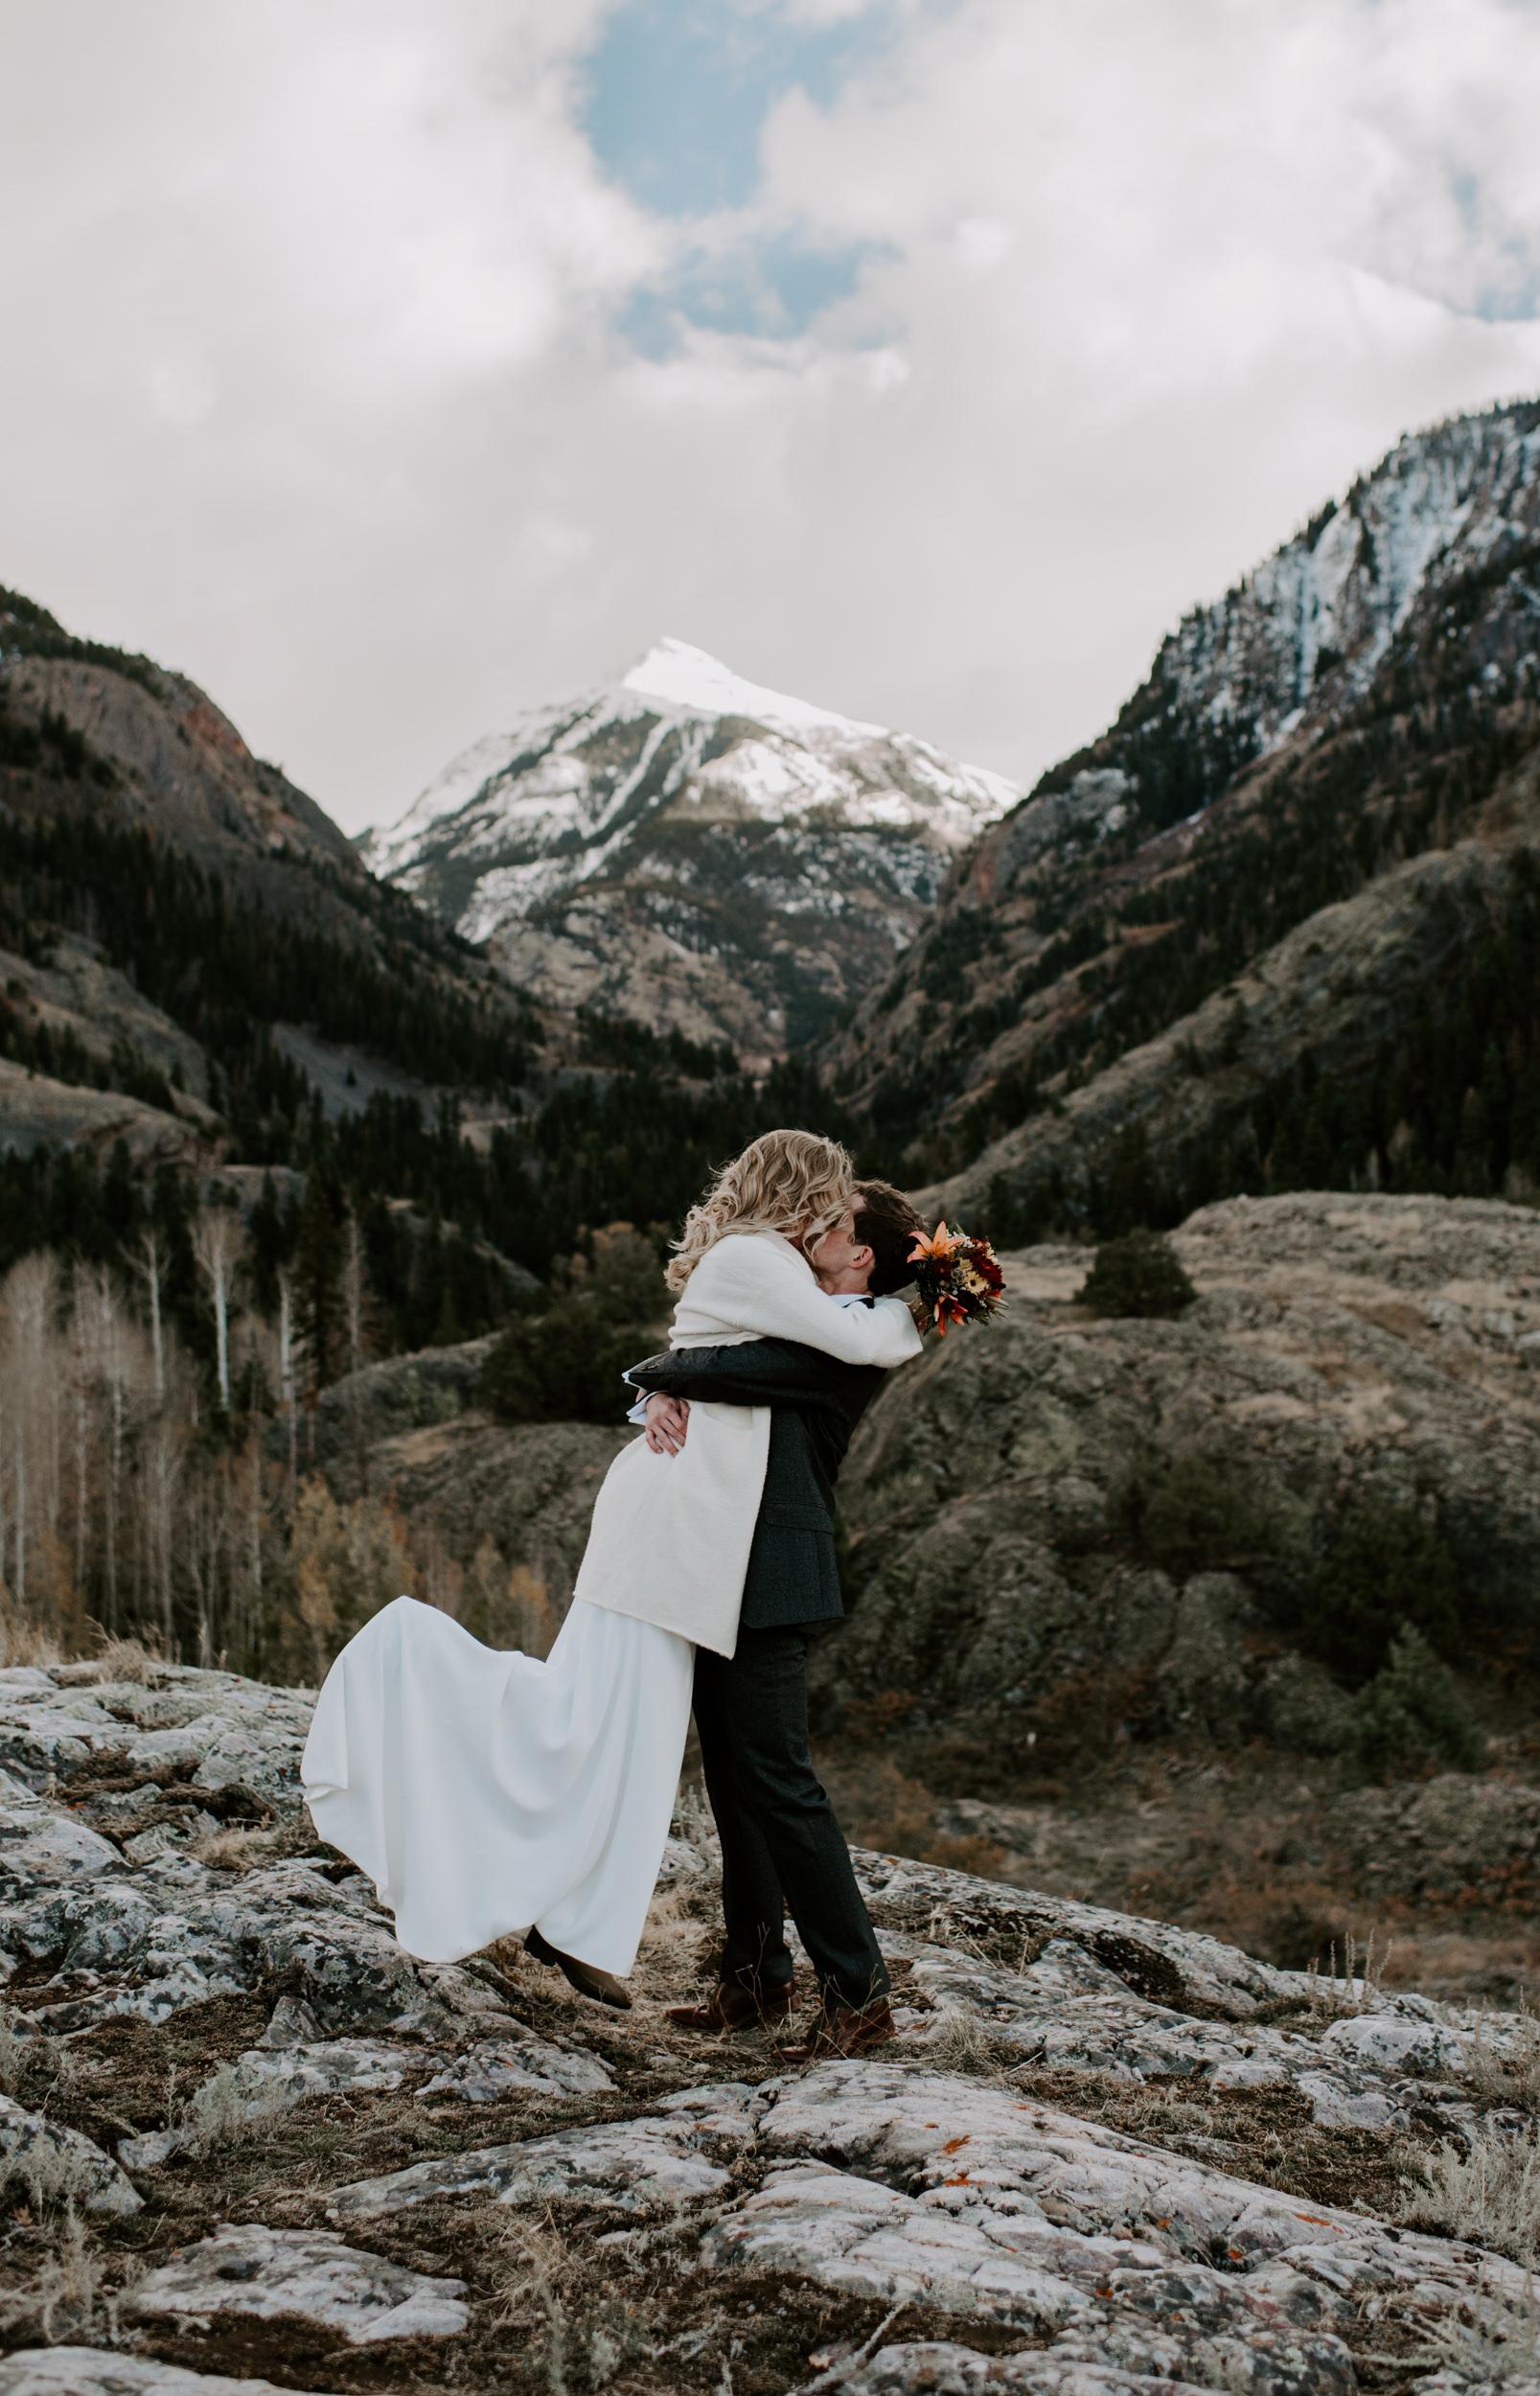 Ouray, Colorado adventure elopement. Colorado mountain wedding photographer. Ouray elopement locations.